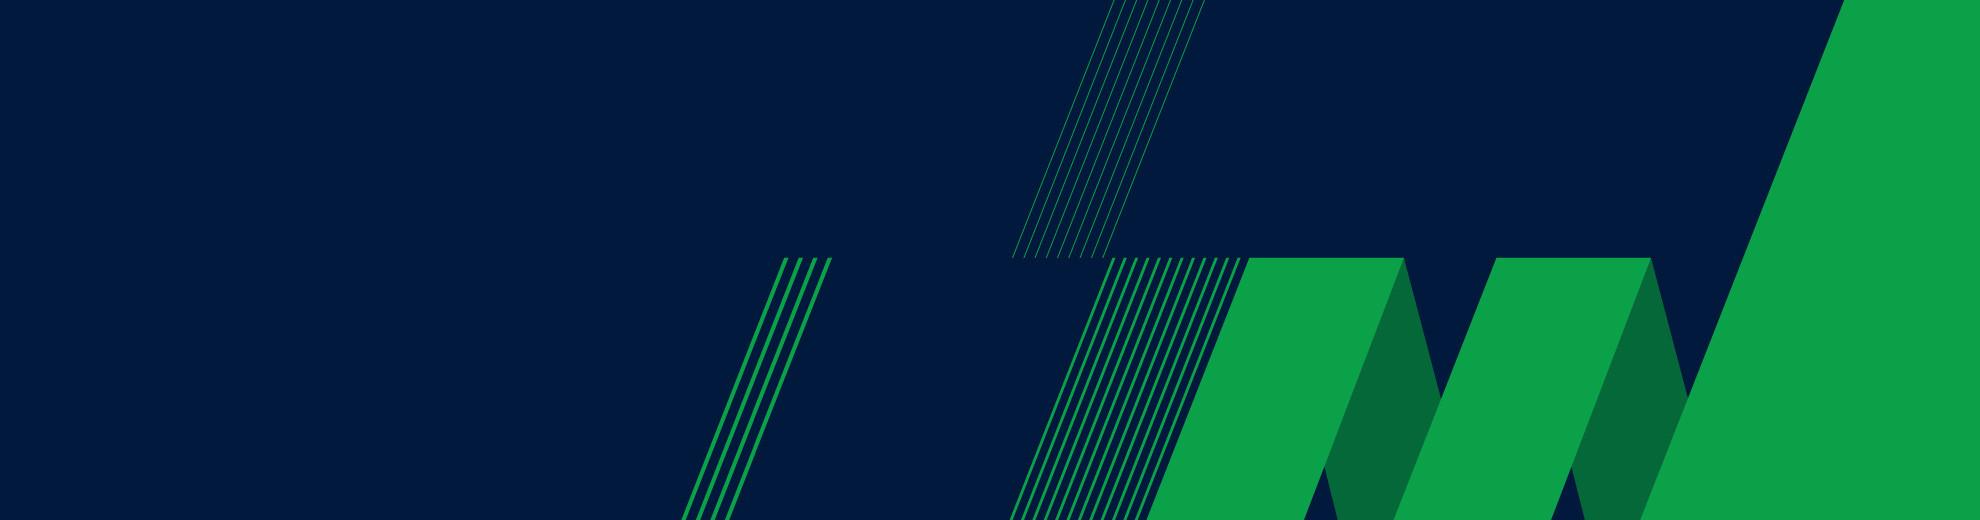 """Latvijas Bankas konference """"Ilgtspējīga ekonomika pārmaiņu laikos"""""""